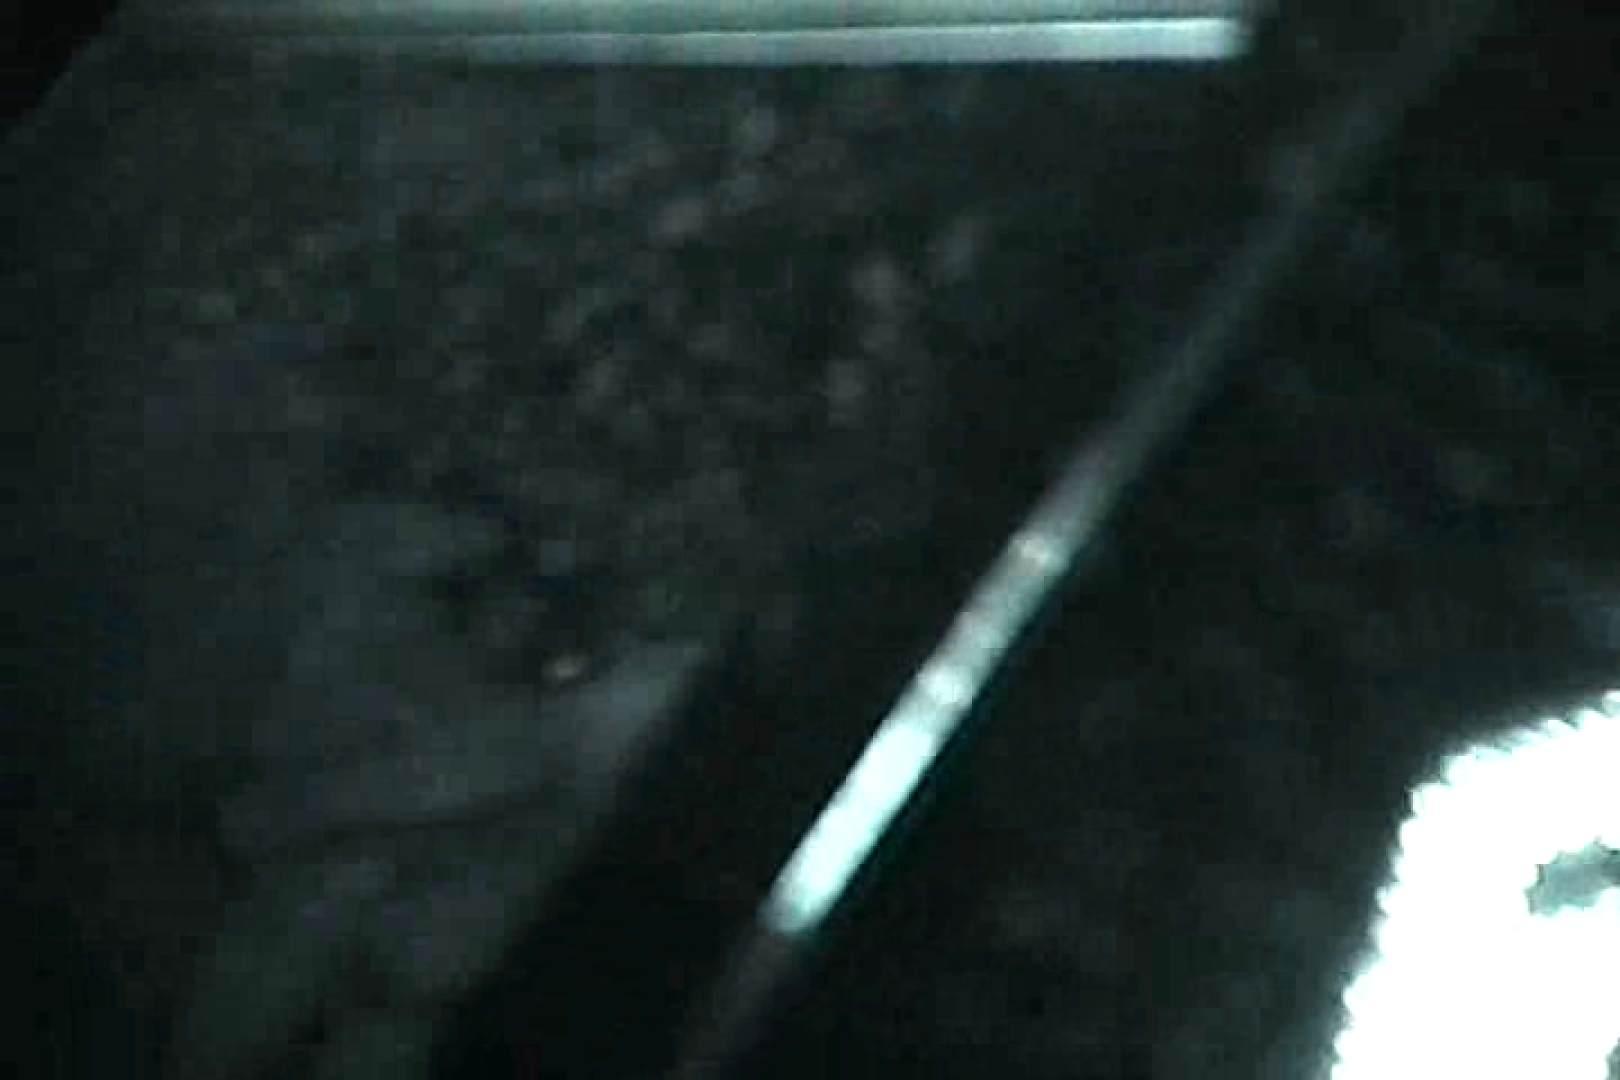 充血監督の深夜の運動会Vol.12 カップルのセックス | OLヌード天国  91PIX 91